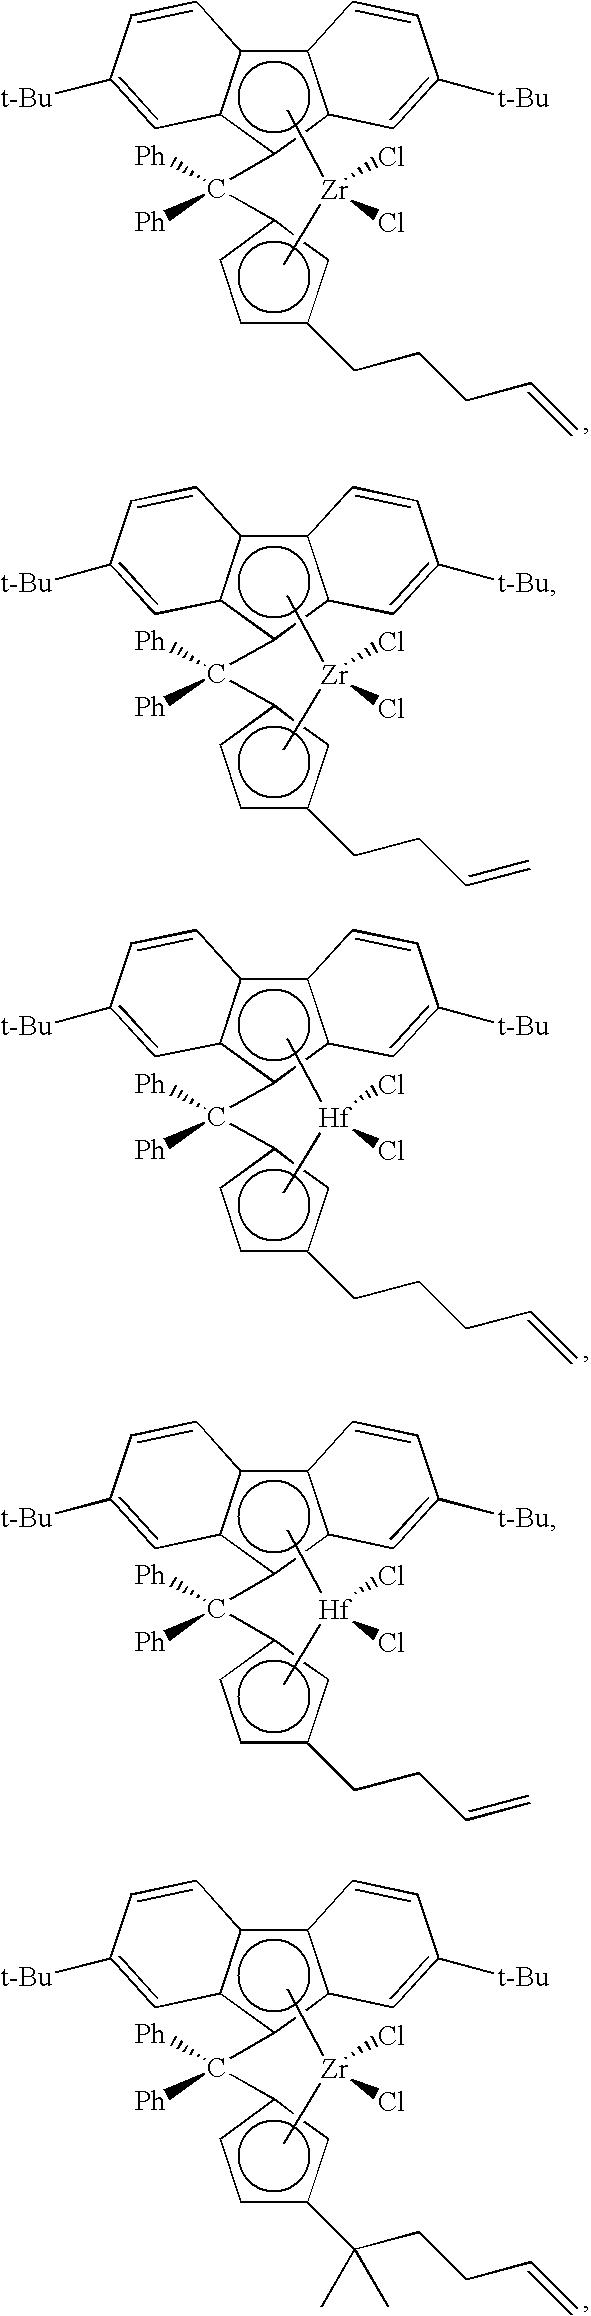 Figure US07517939-20090414-C00026